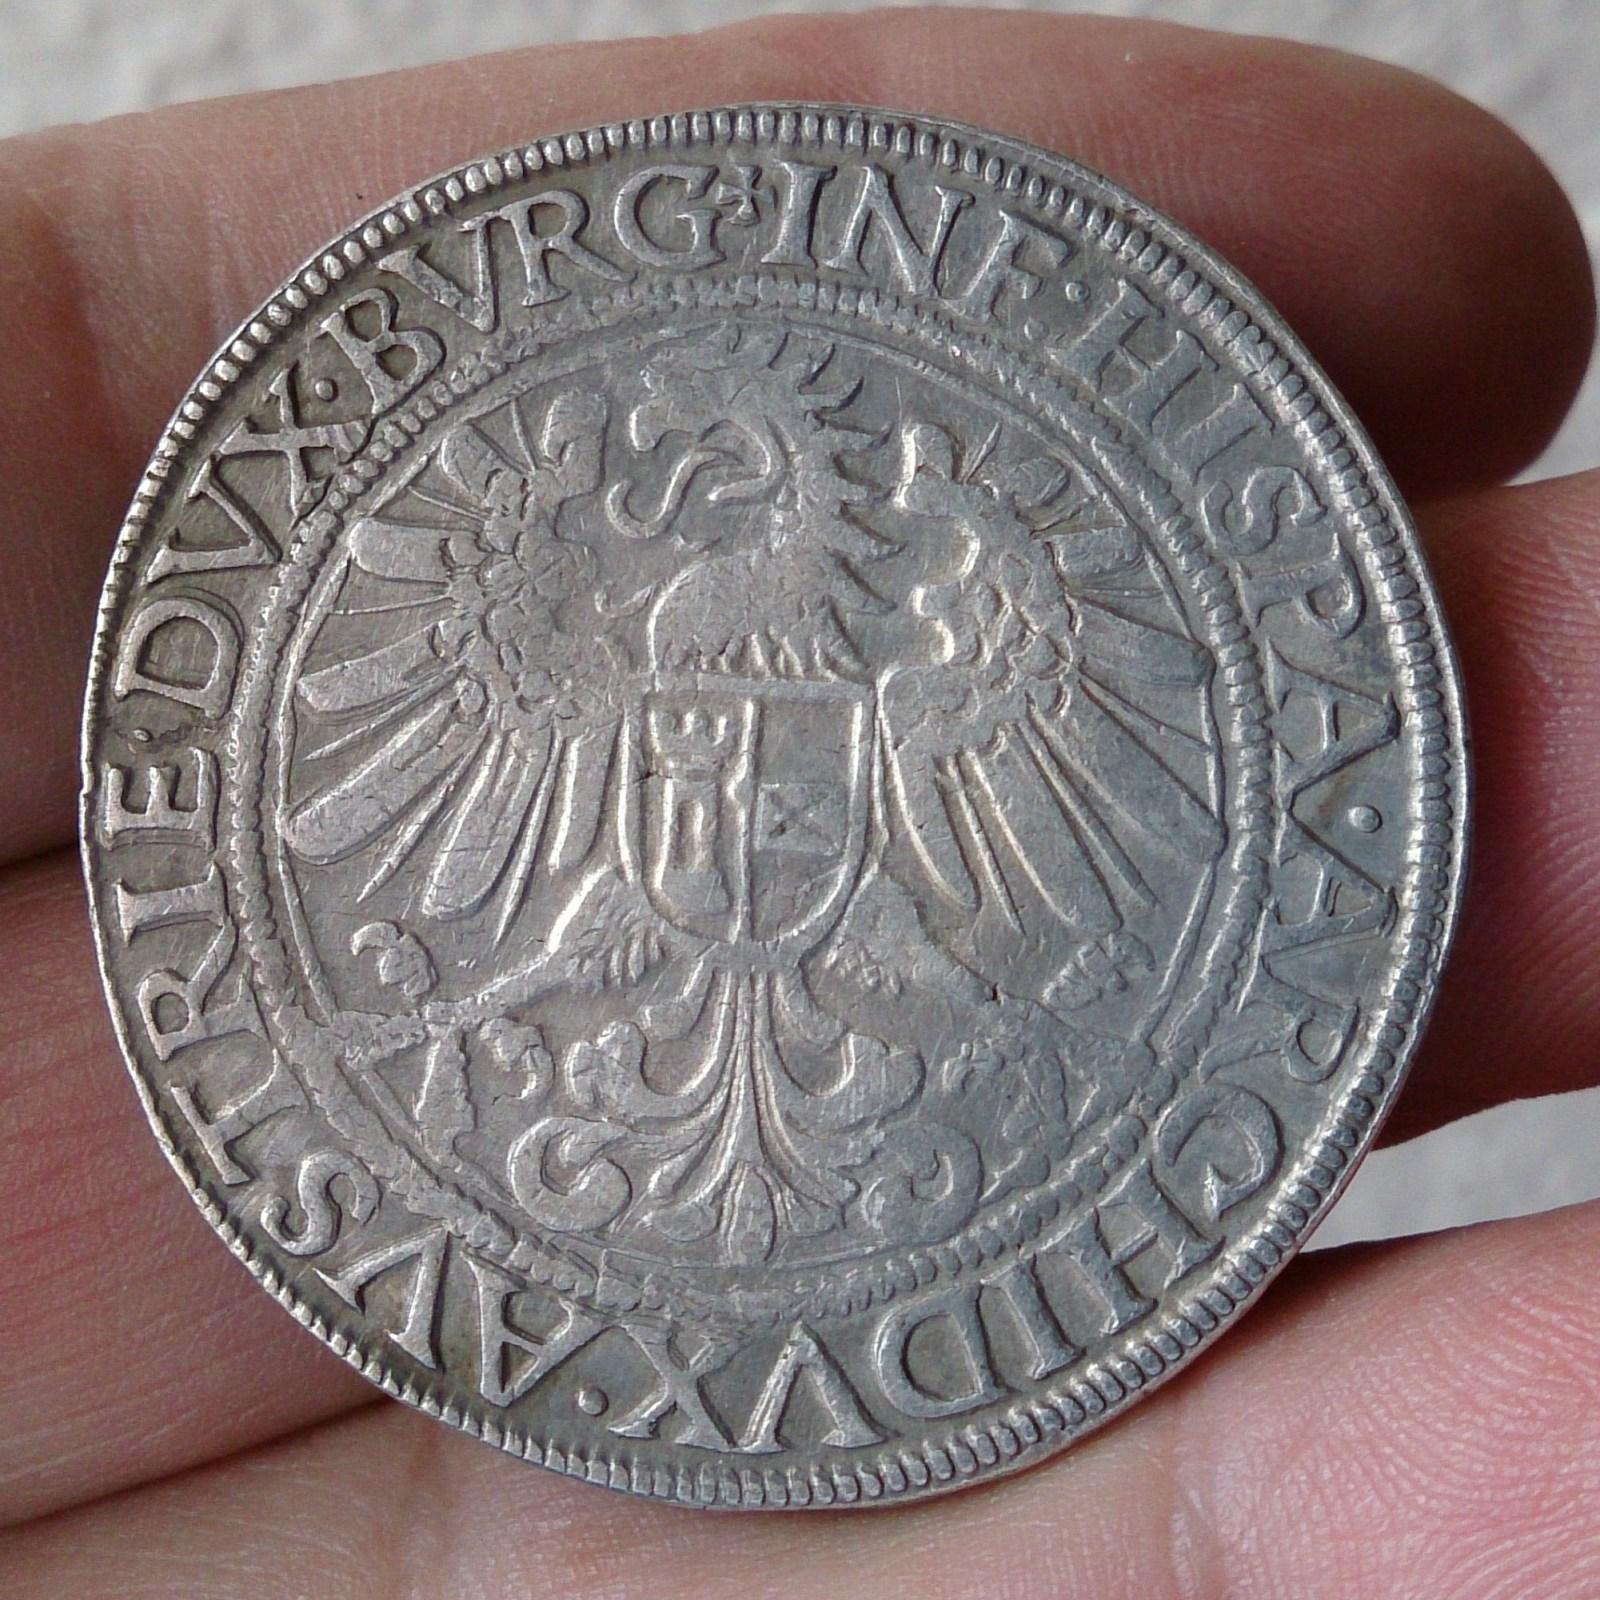 Monedas de Fernando I de Habsburgo, Infante de España - Página 2 2uhsfia